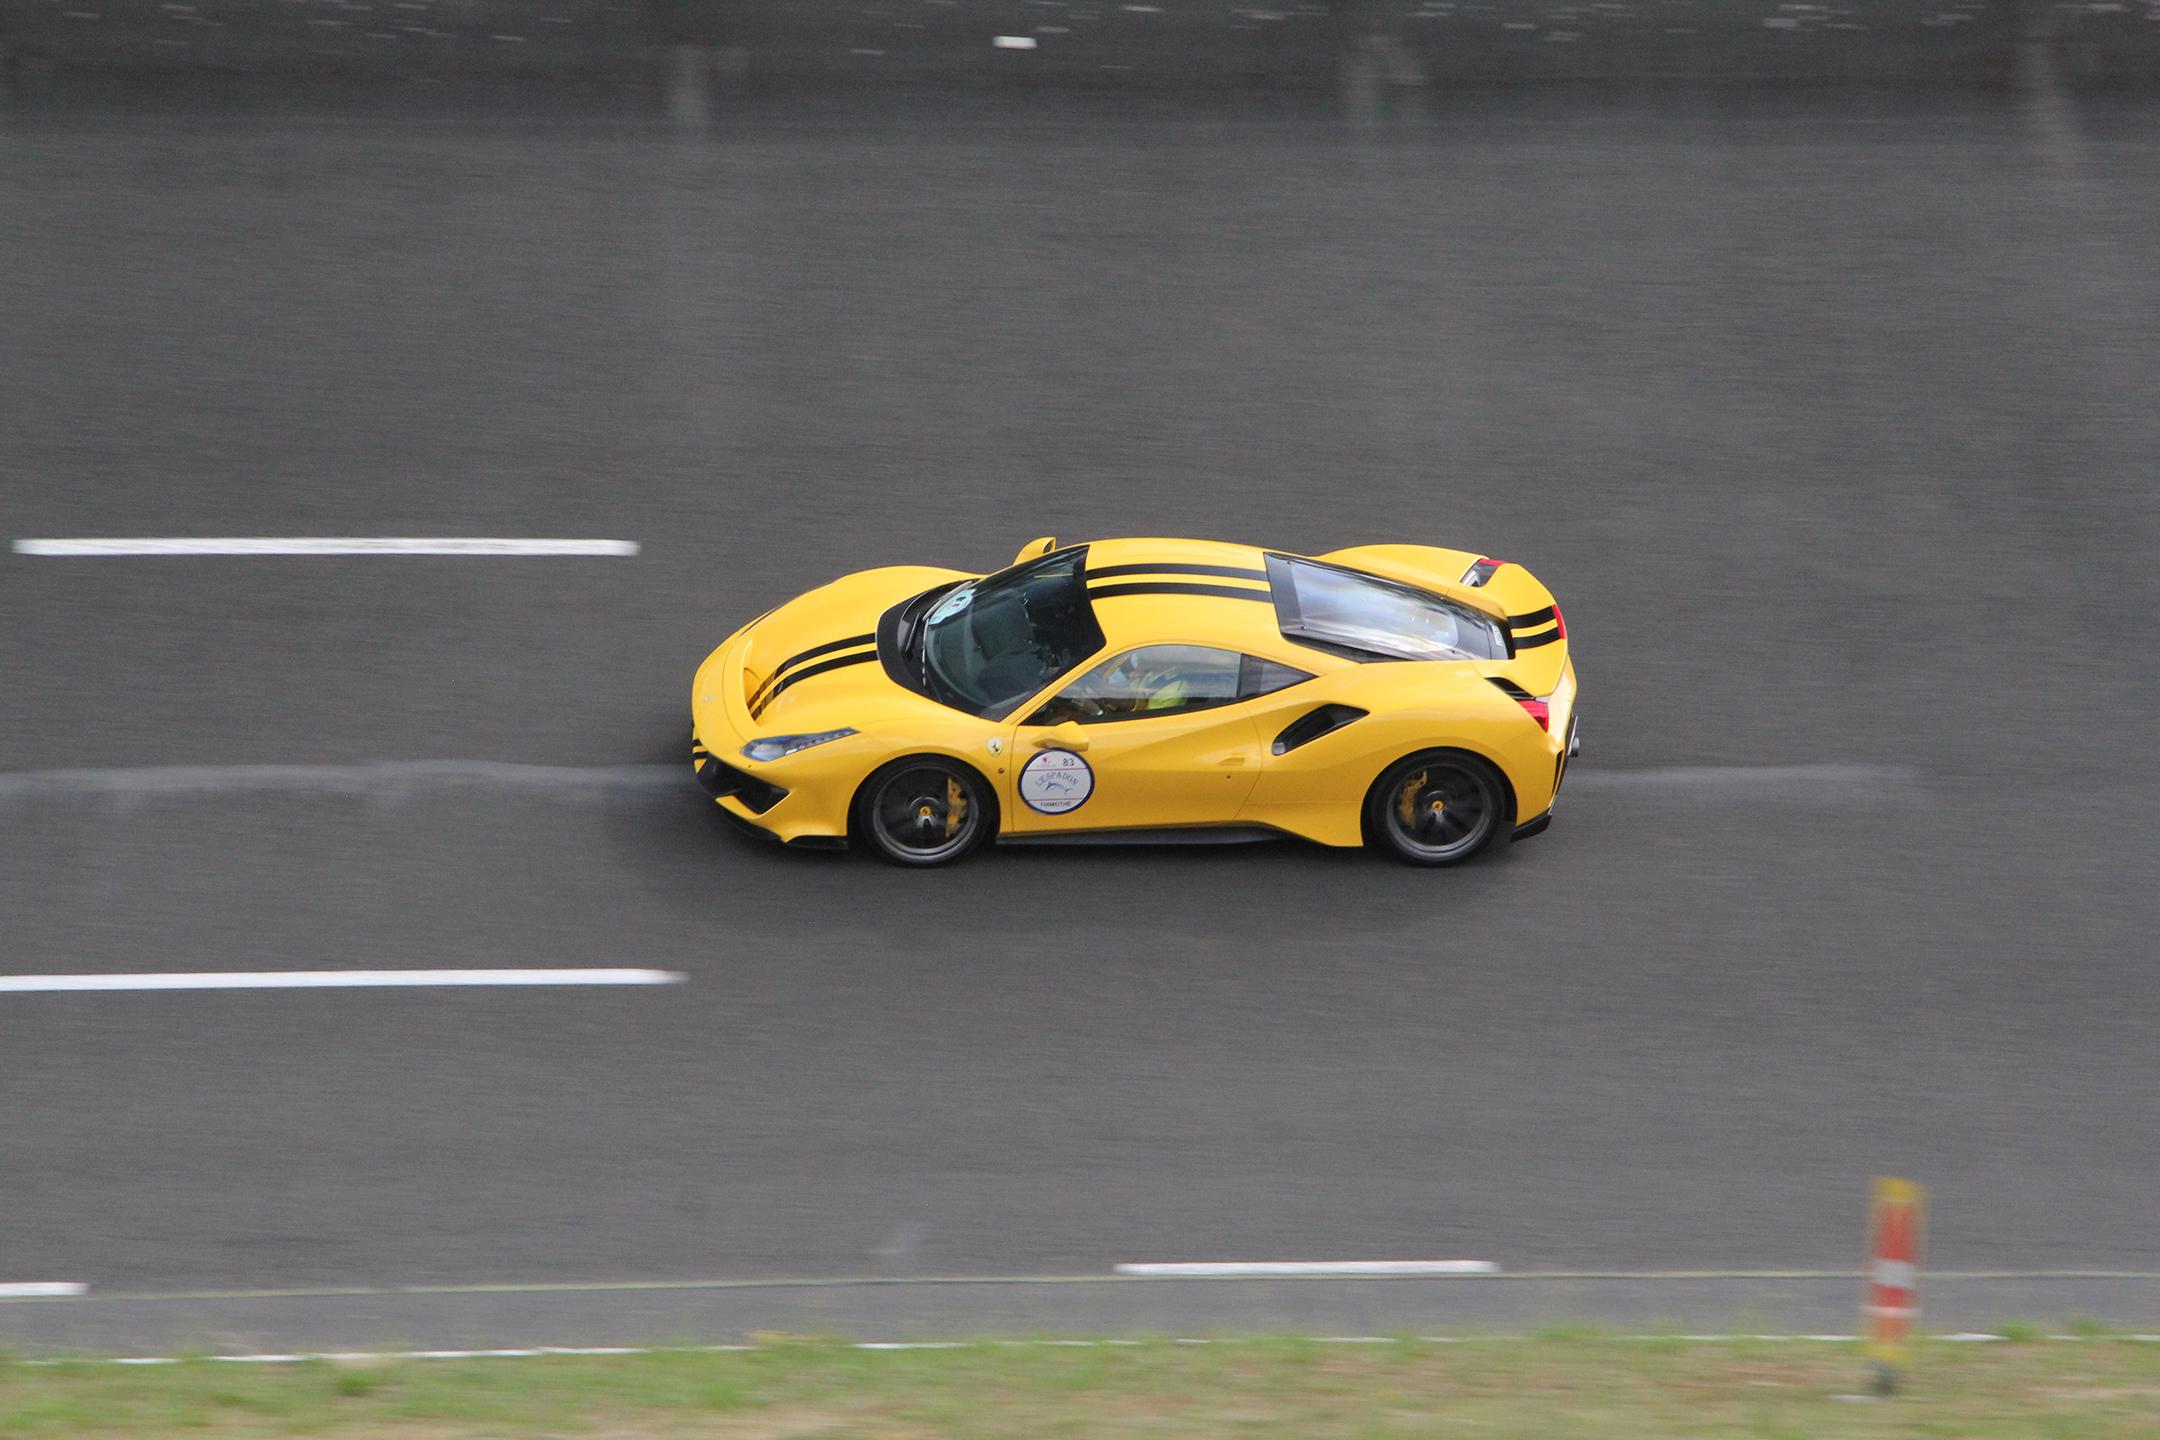 Ferrari 488 Pista - UTAC CERAM - Rallye du Coeur 2020 - photo Ludo Ferrari